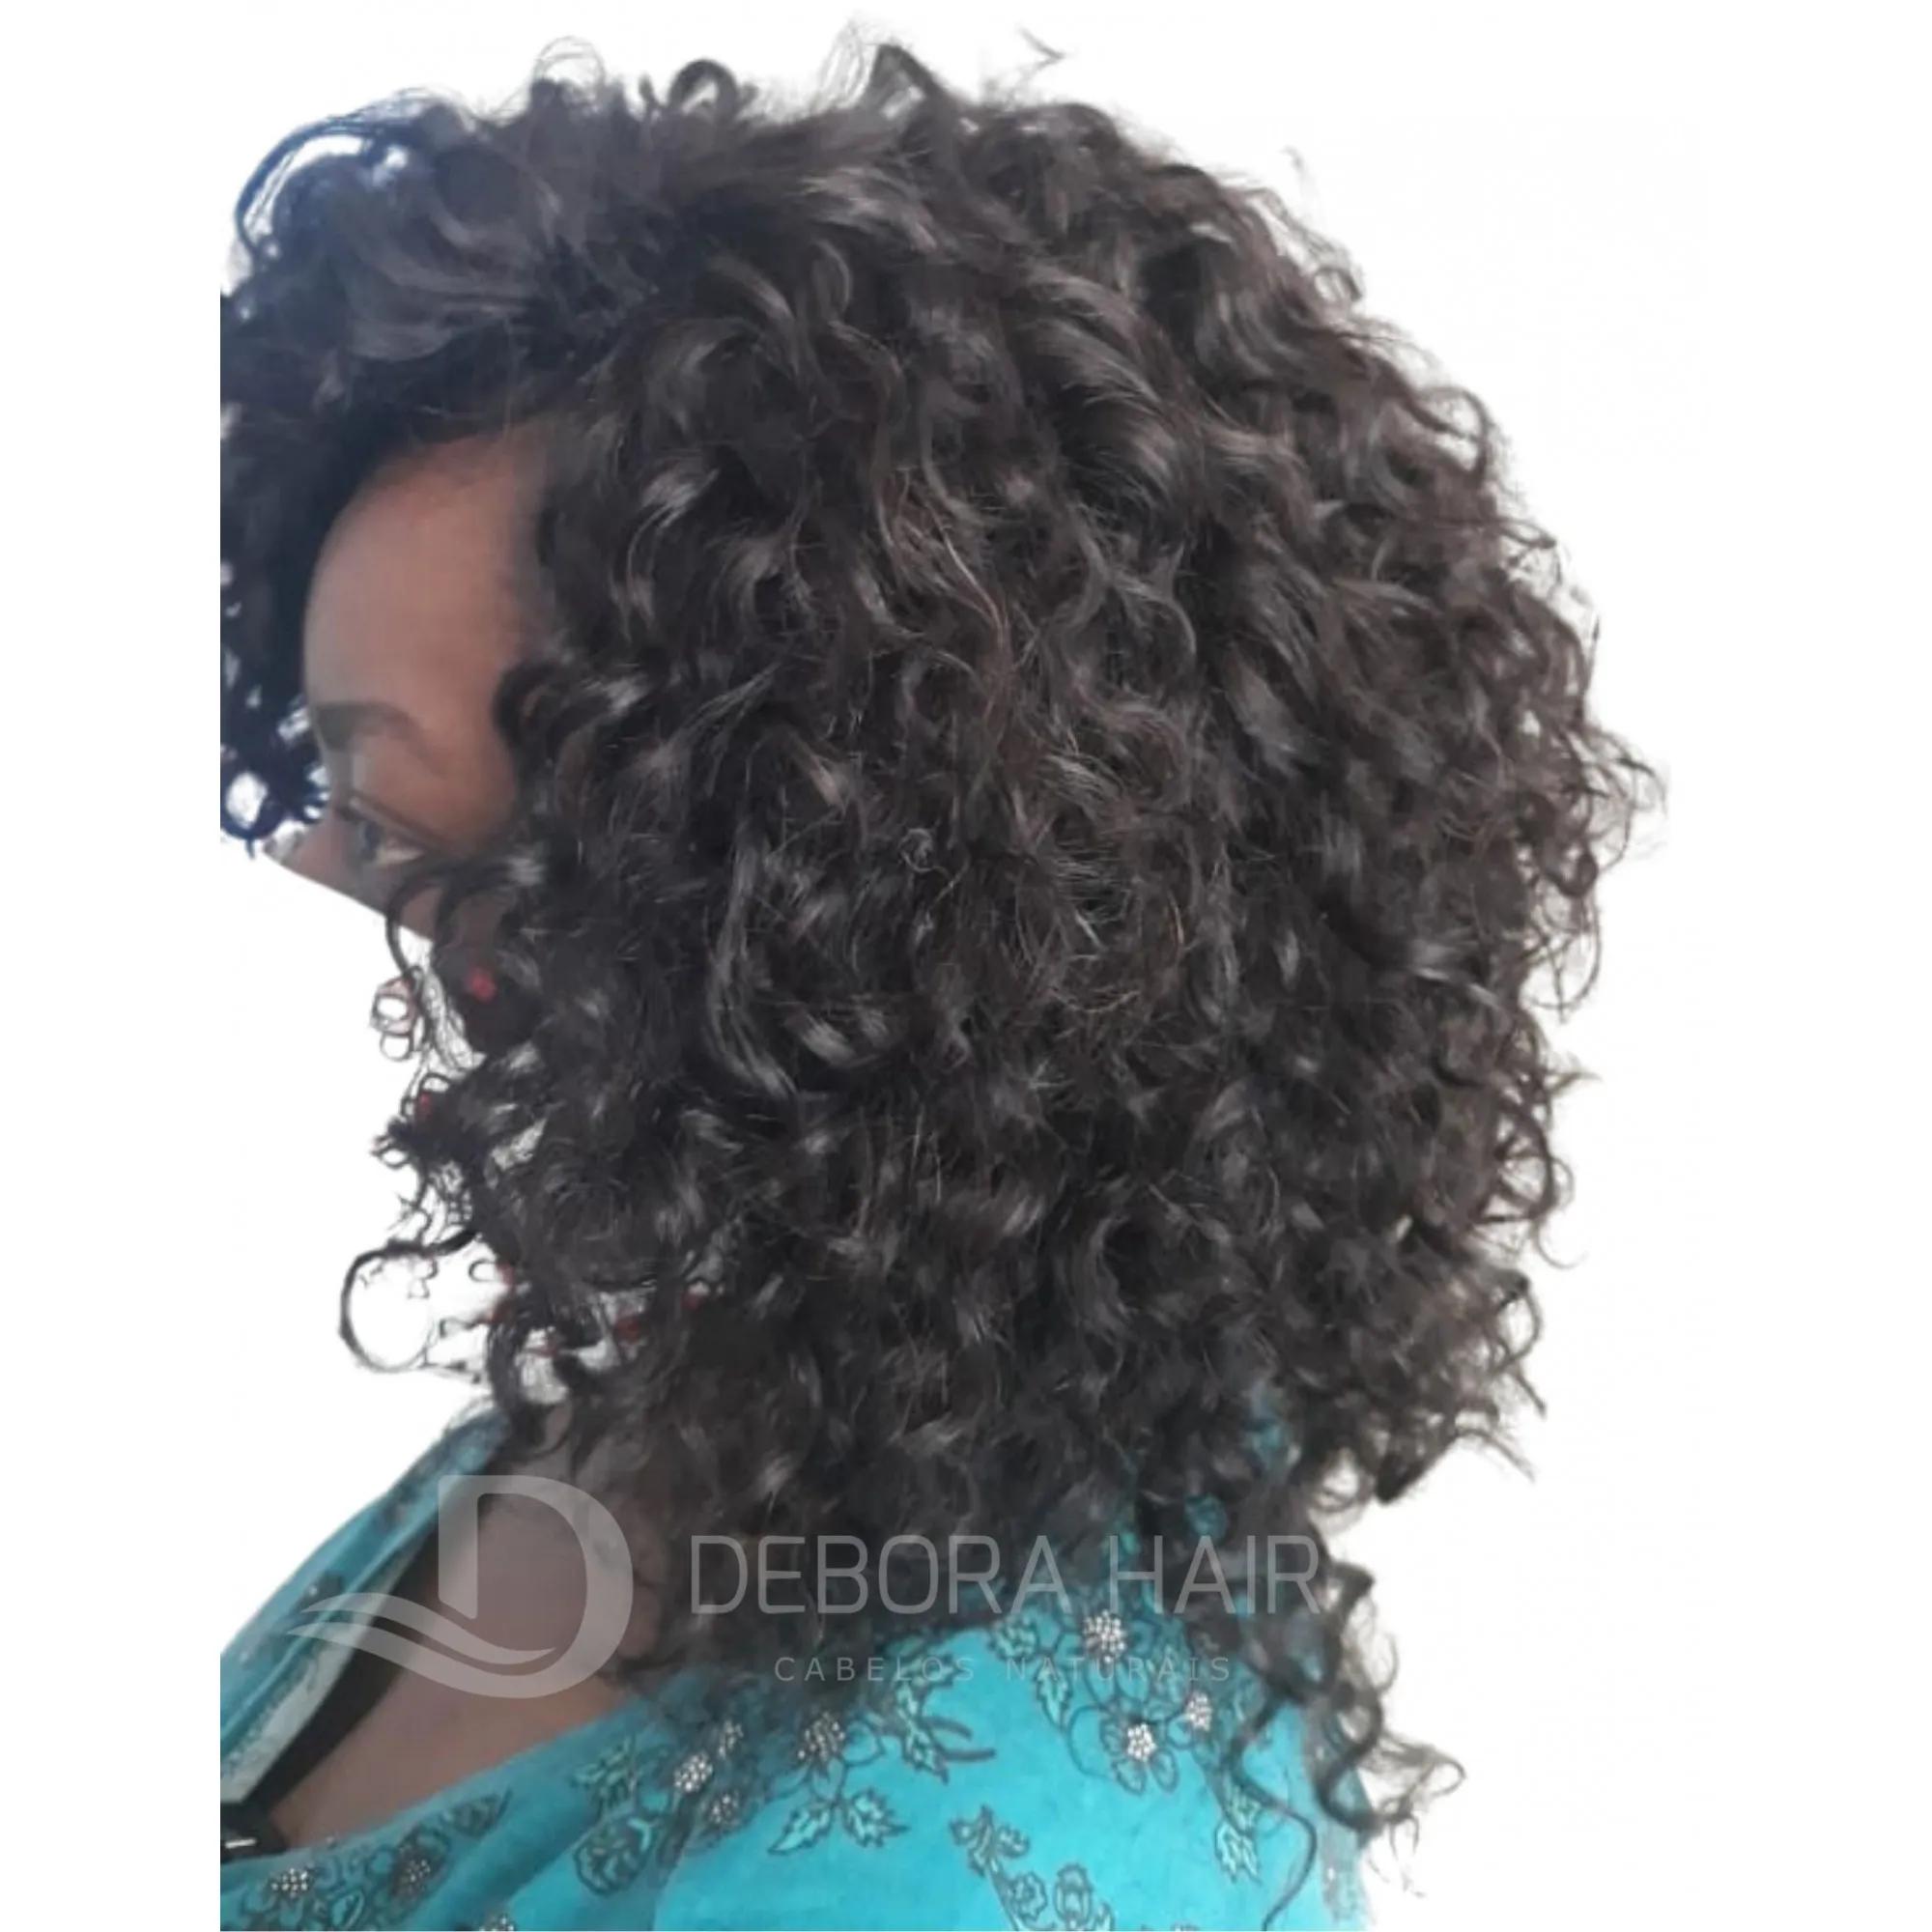 Cabelo Cacheado com Permanente Castanho Cacho Largo de 30 cm  - DEBORA HAIR